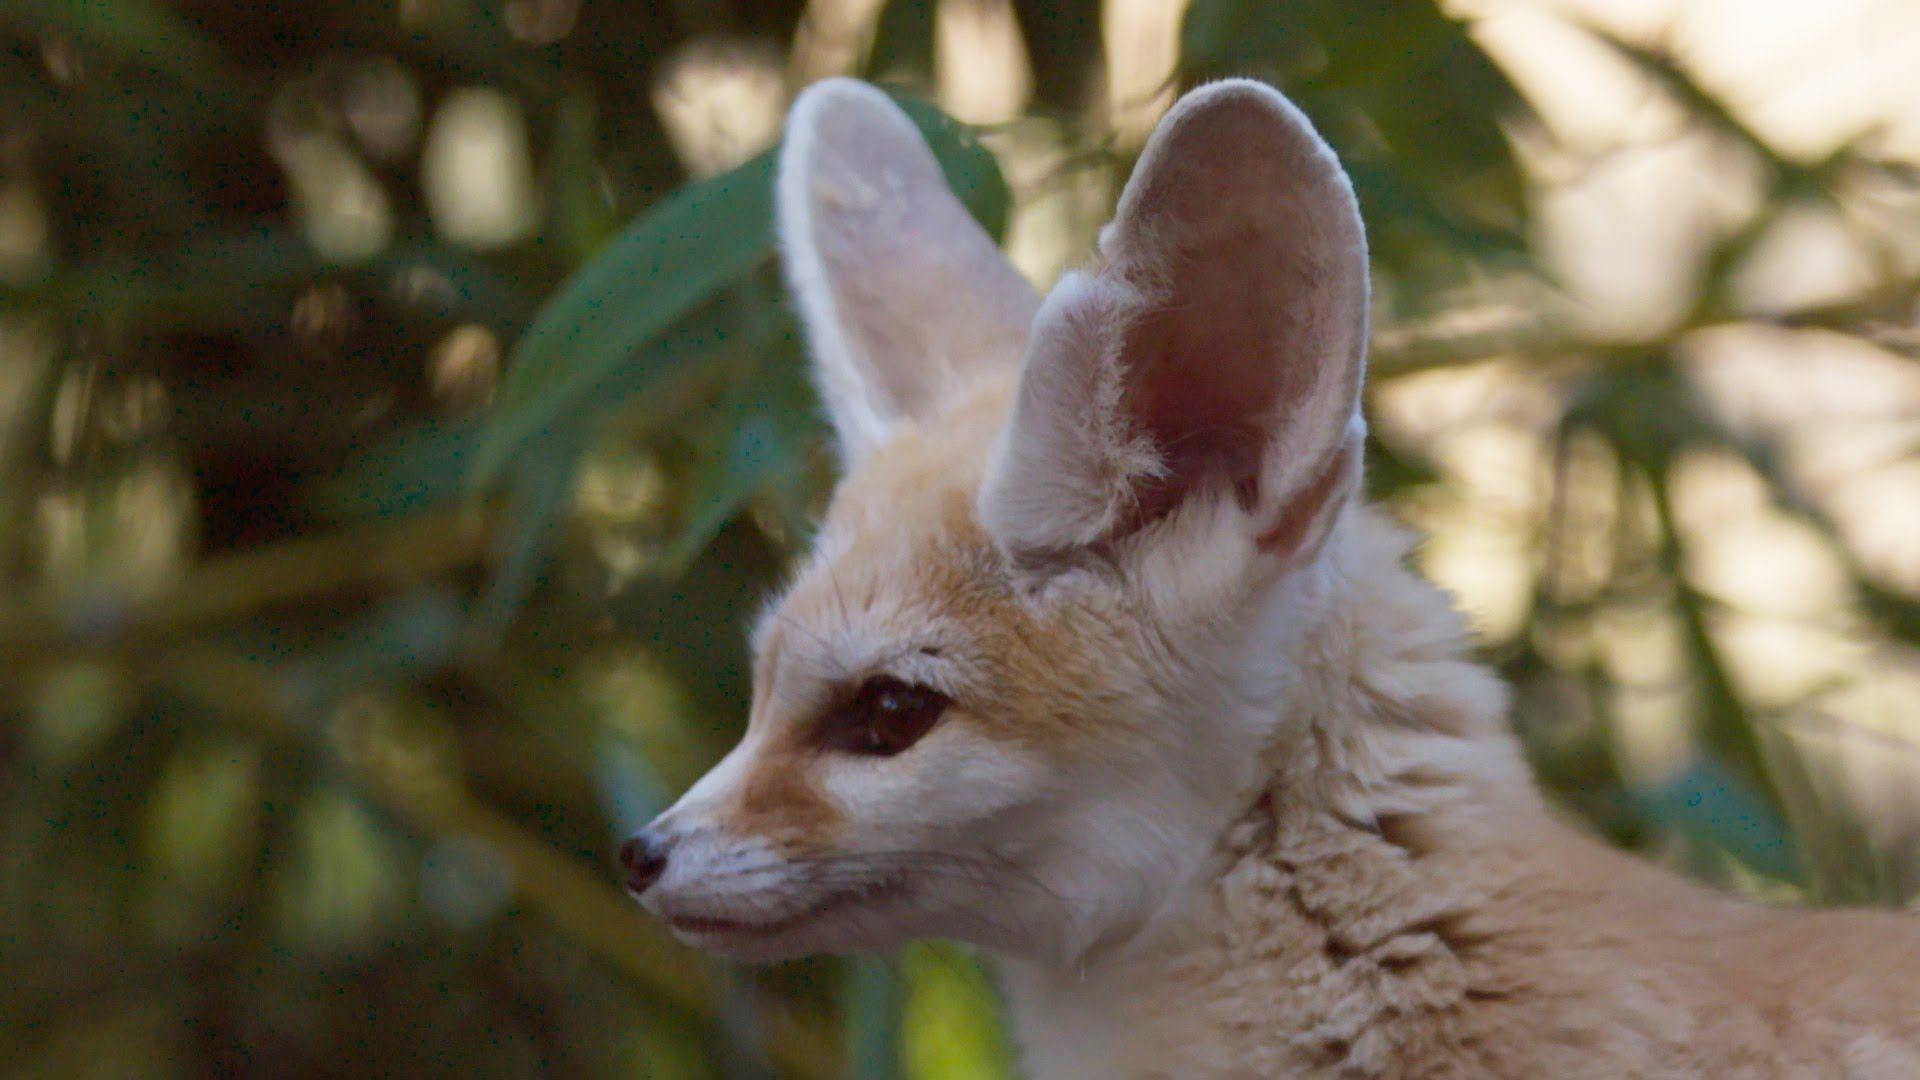 Pin by Y.F C on FOX* Super cute animals, Cute animals